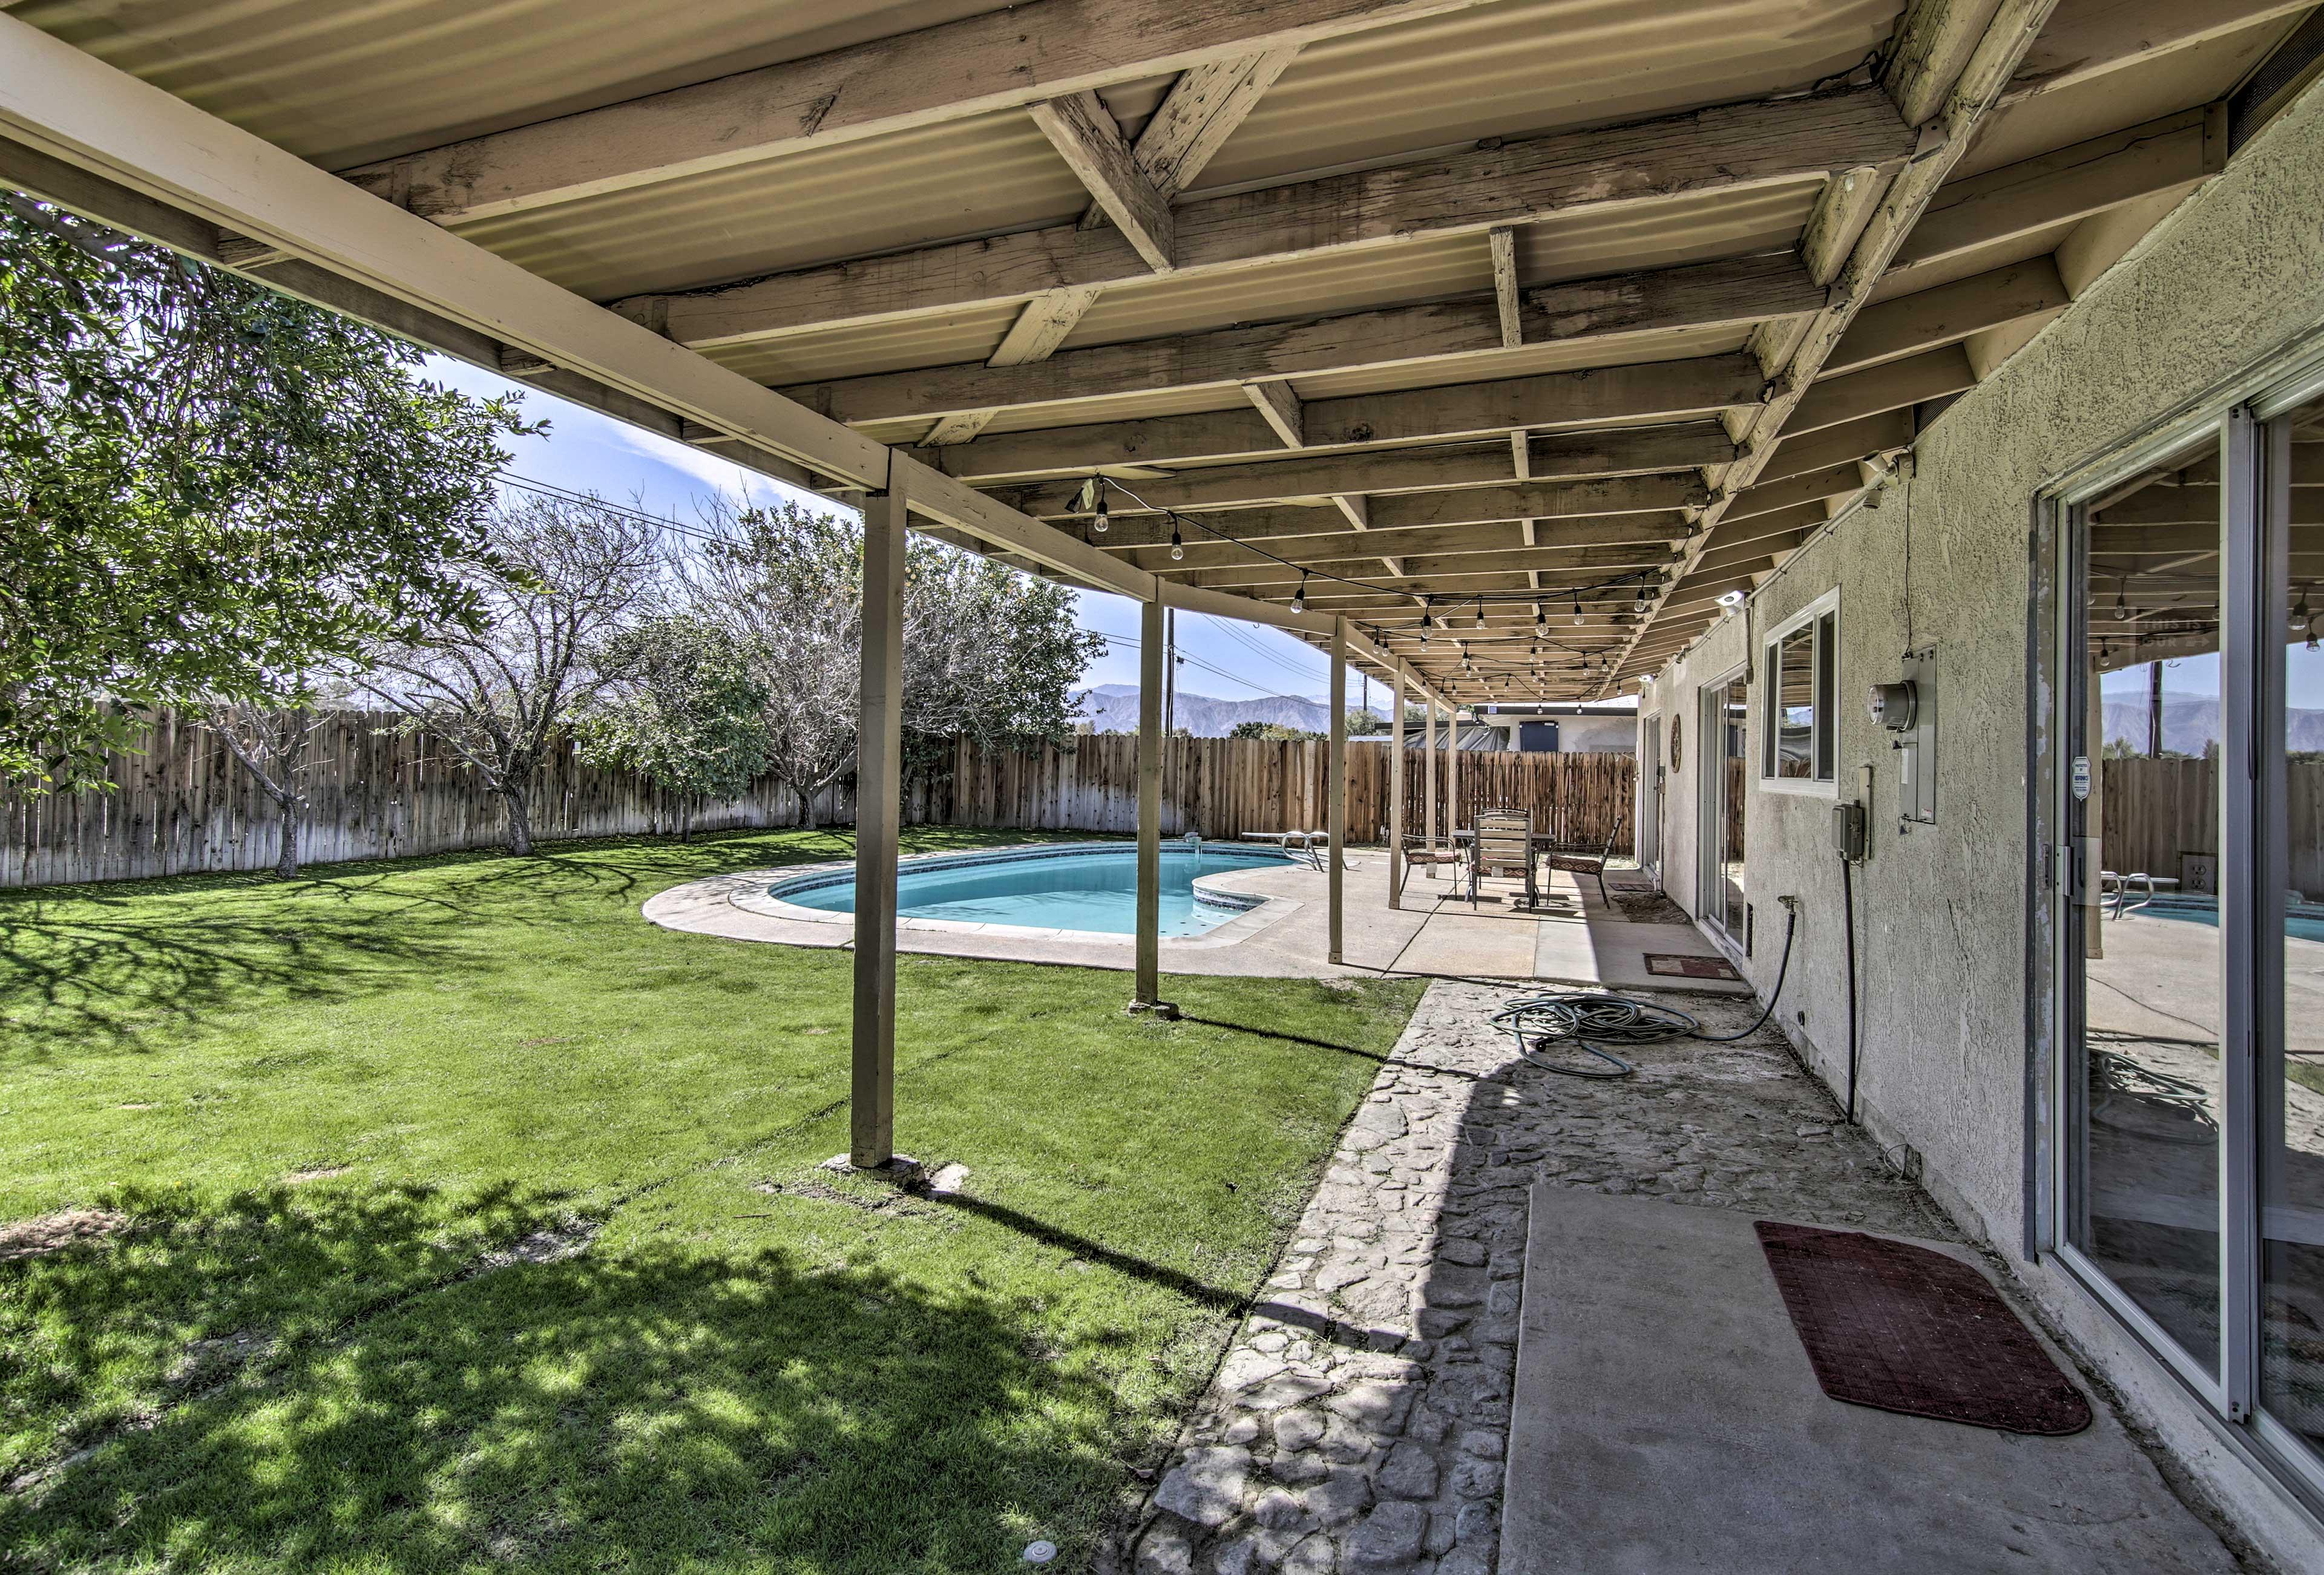 The backyard features artificial grass.